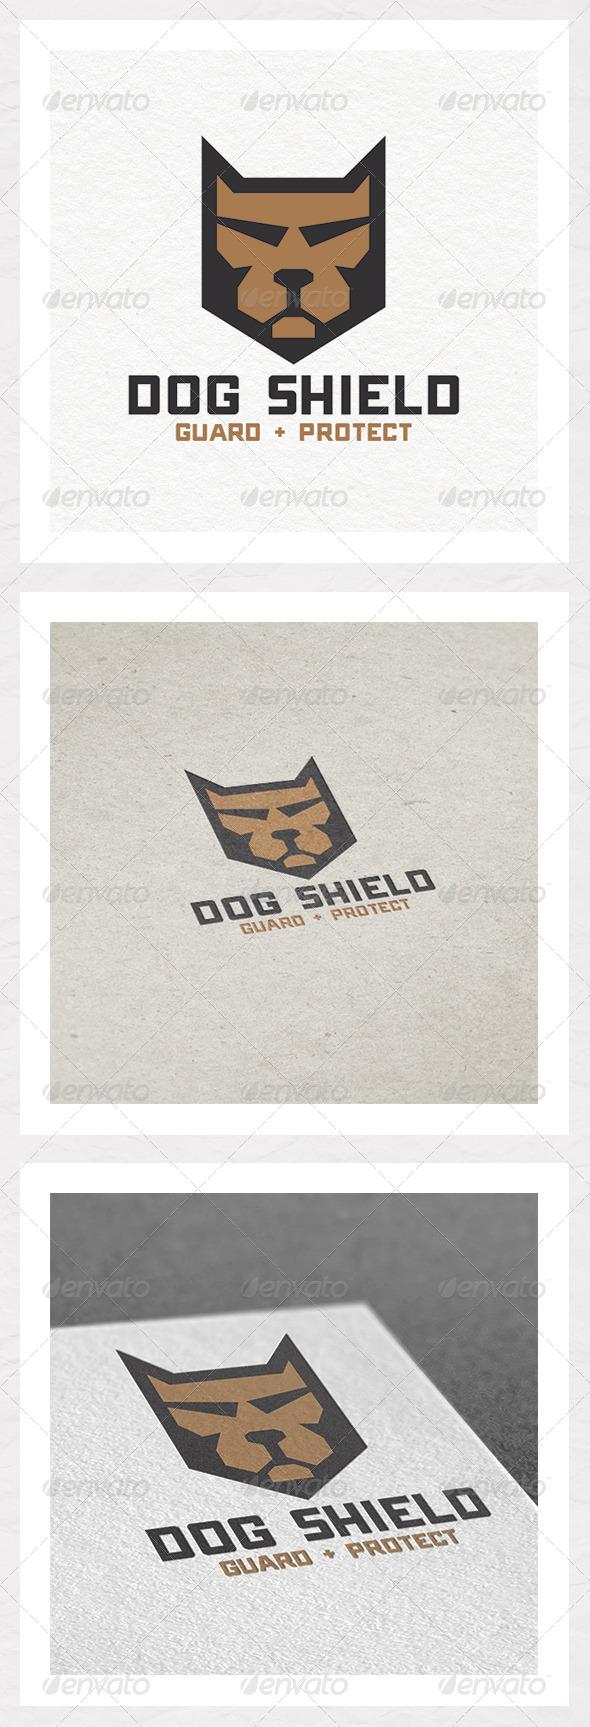 Dog Shield Logo Design